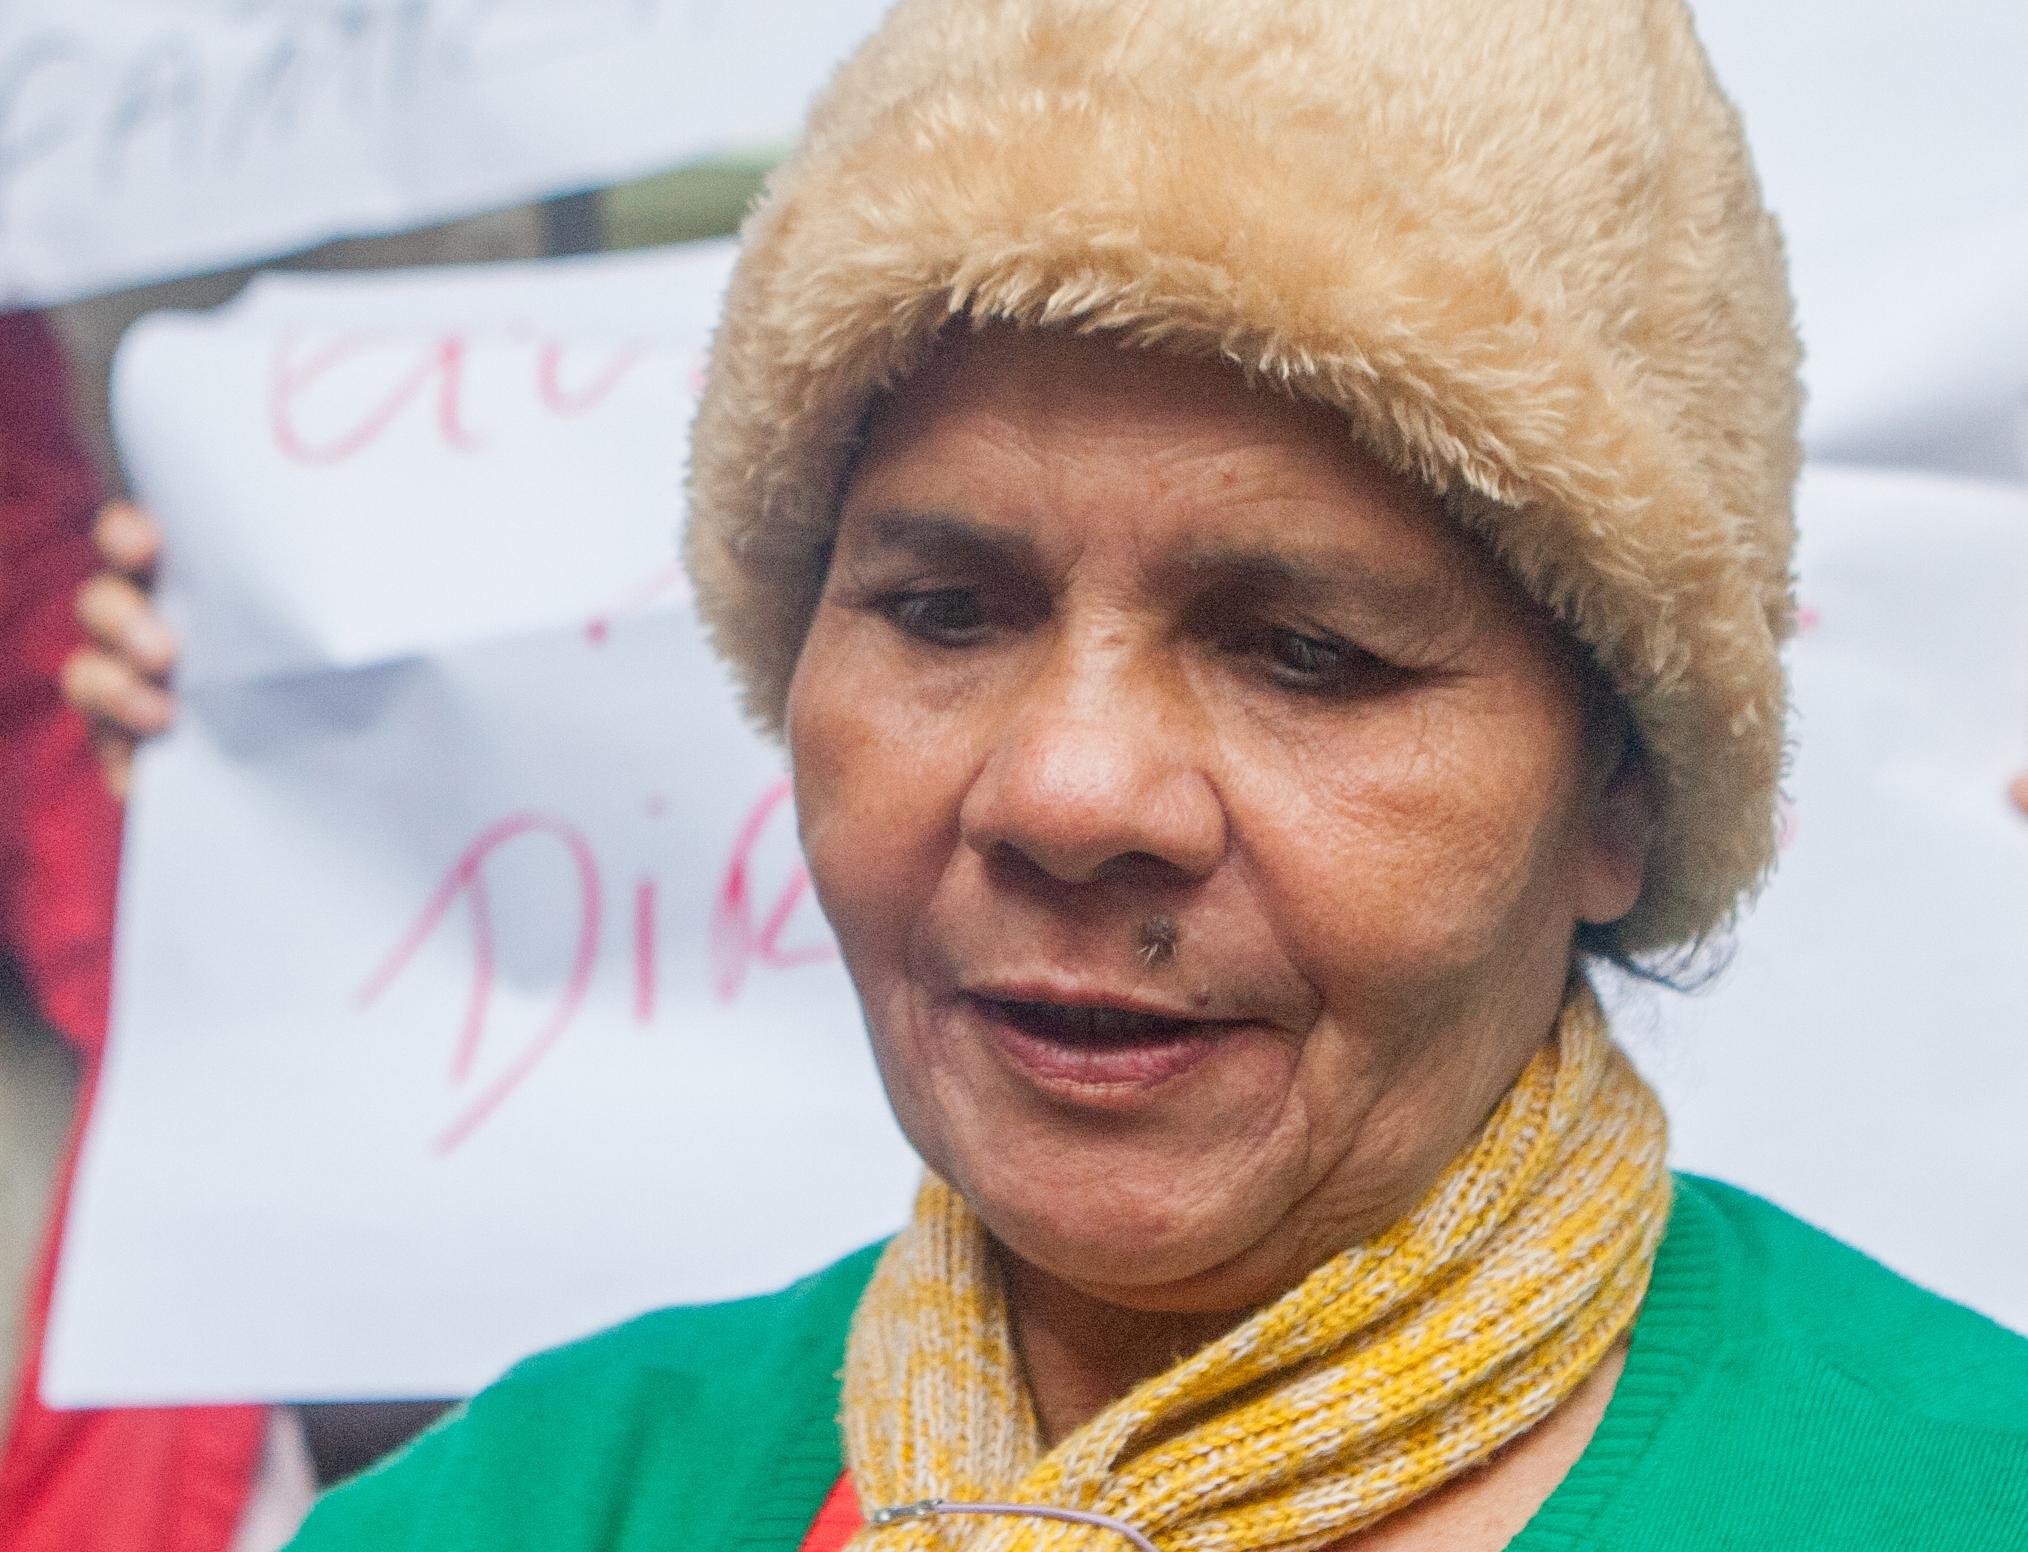 Maria Terezinha Nicácio vende alho no Centro de Florianópolis há 48 anos - Flávio Tin/ND